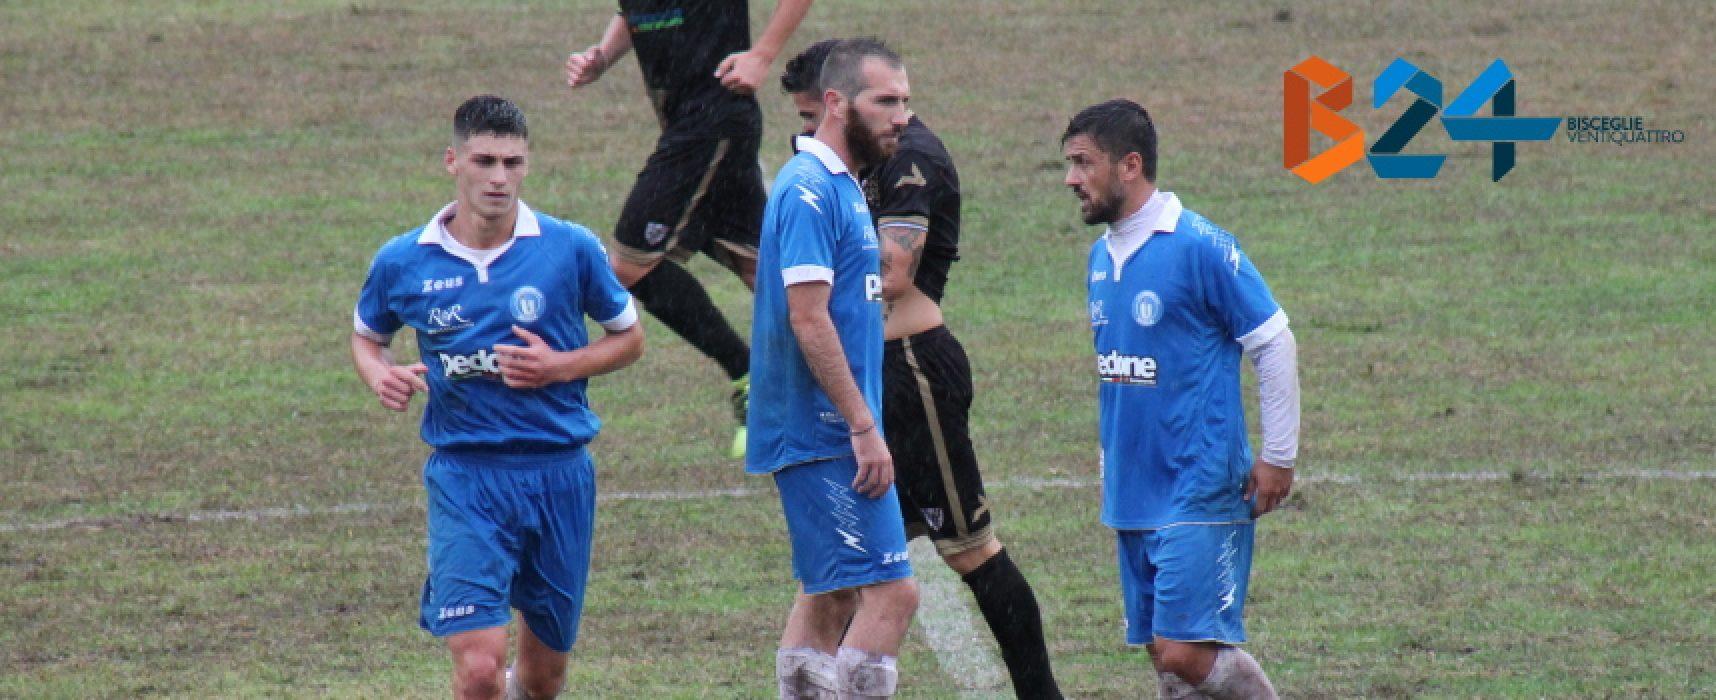 L'Unione Calcio rende visita alla sorprendente Avetrana